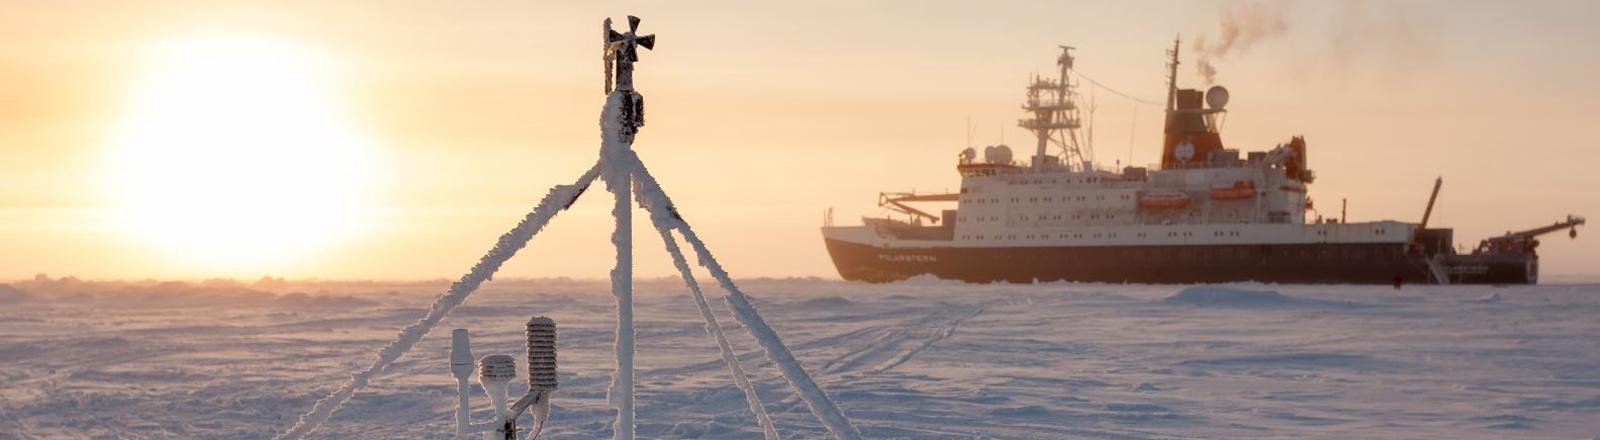 Ein Eisbrecher in der Arktis